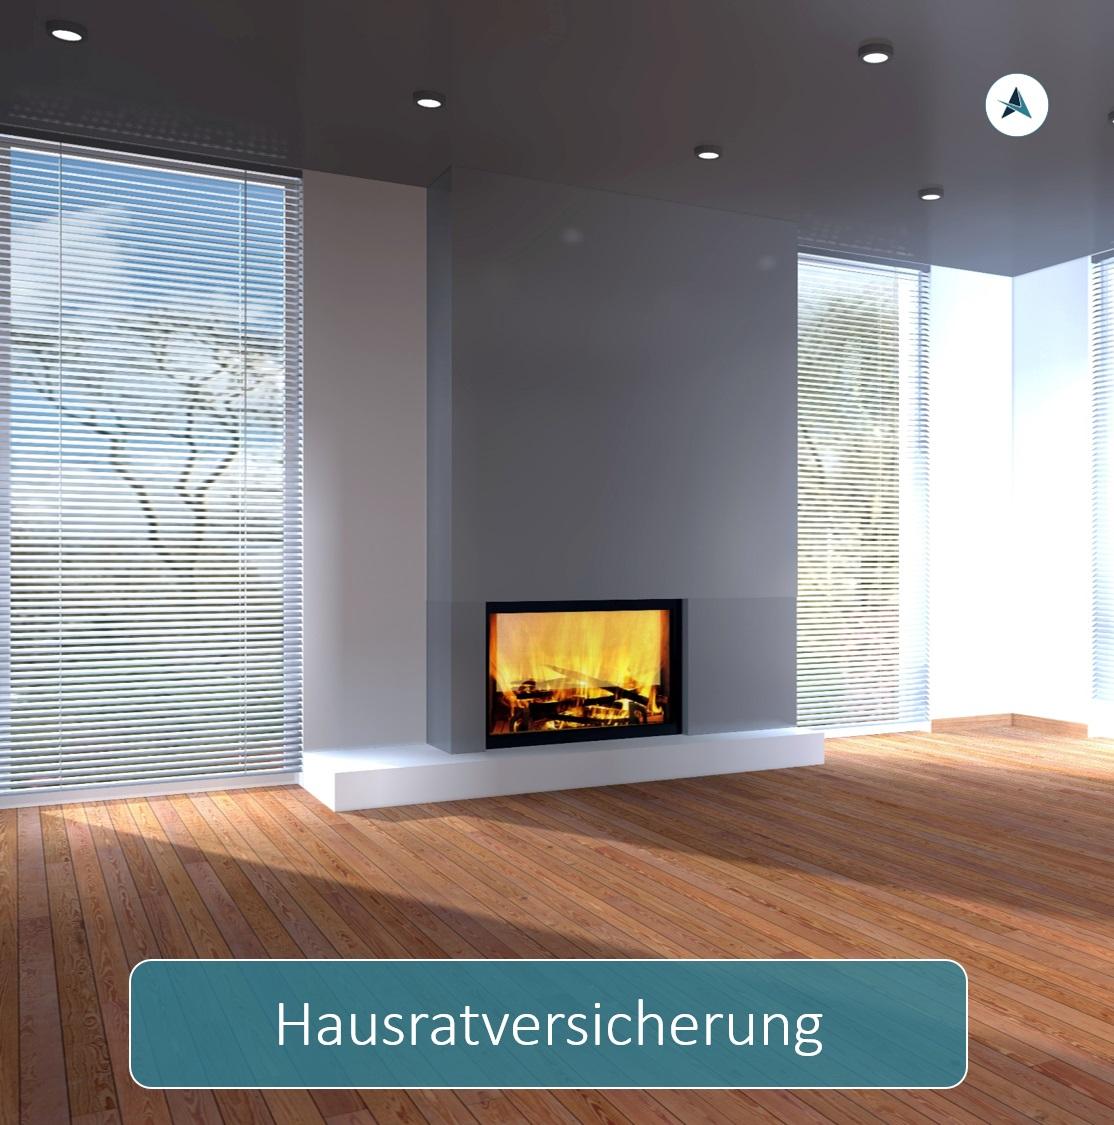 Kaulsdorf-Versicherungsmakler-Berlin-Hausratversicherung-Sicherheit-Umzug-Vorsorge-André-Böttcher-Hausrat